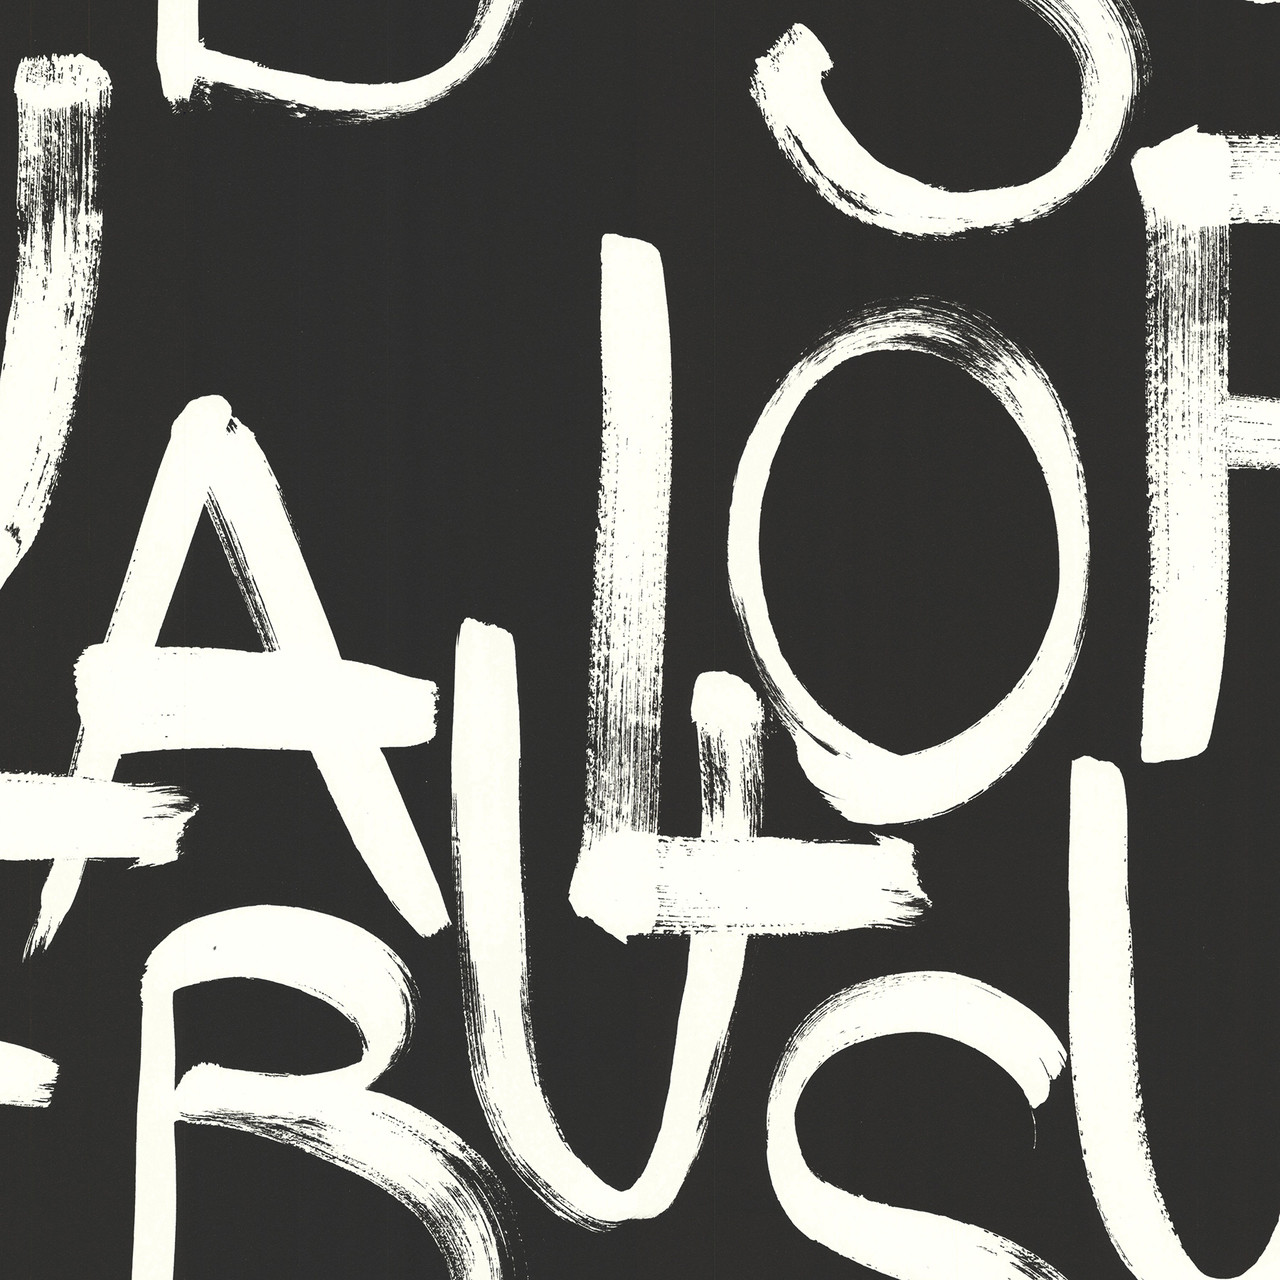 356142 Fabulous Black Brushstroke Text Wallpaper Indoorwallpaper Com